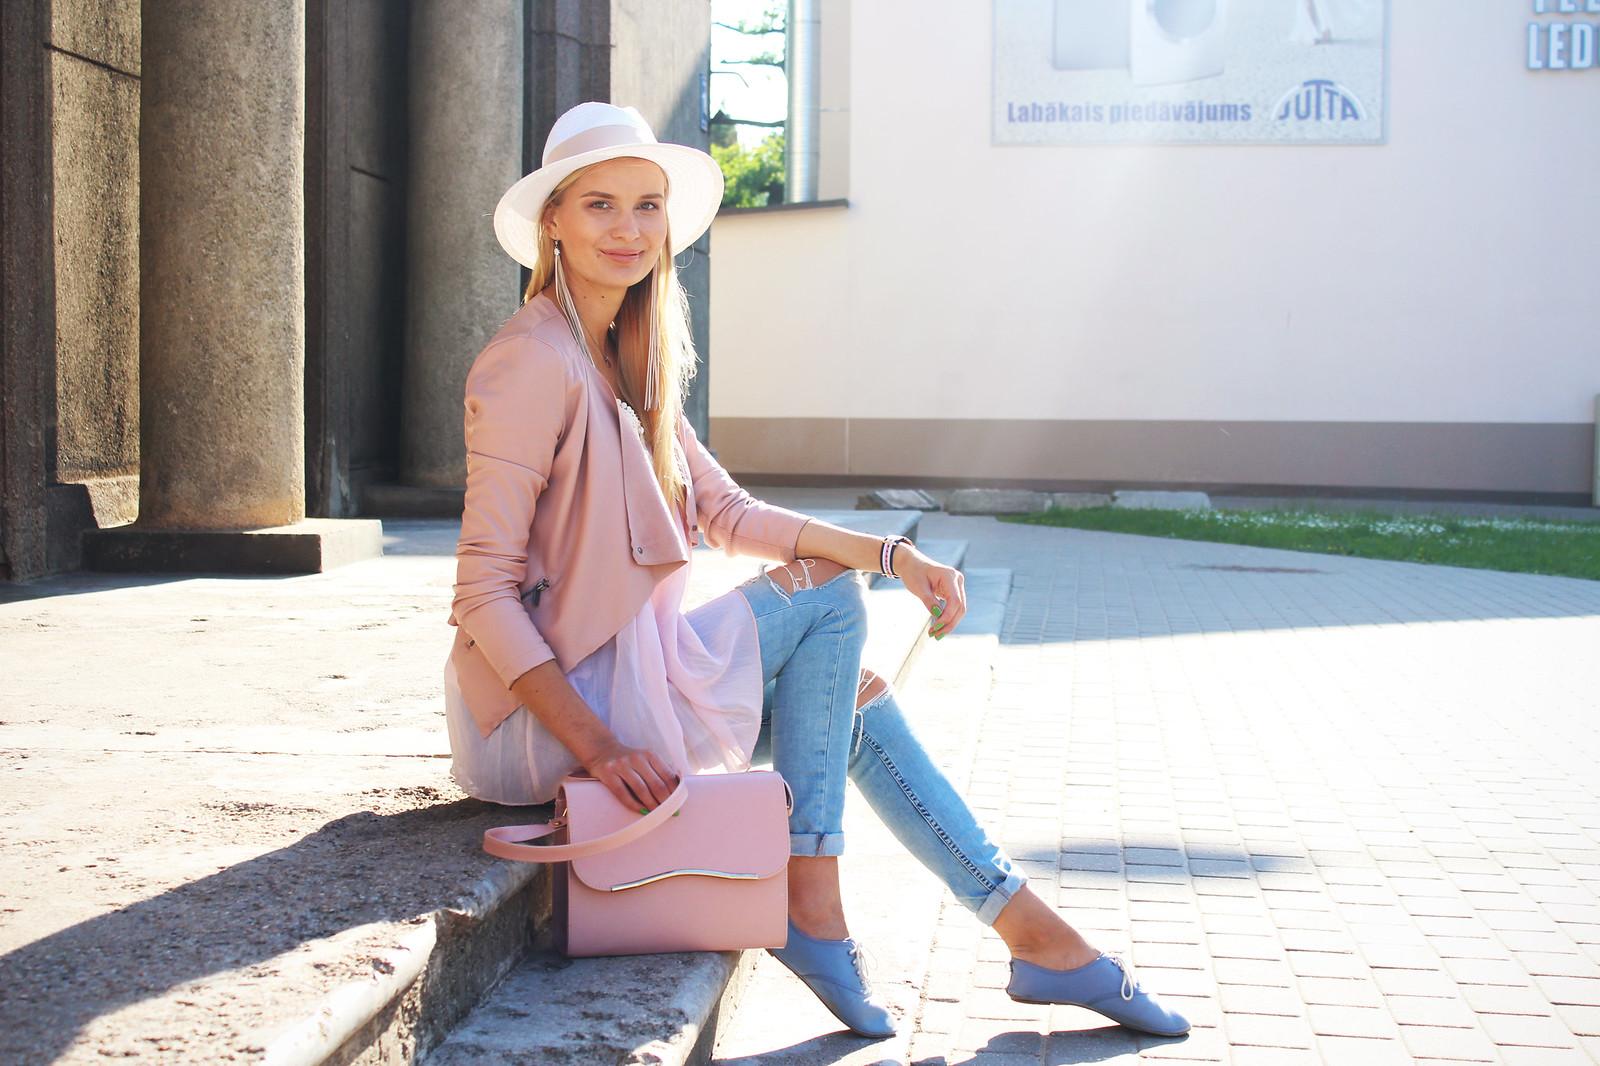 Pastel colour outfit